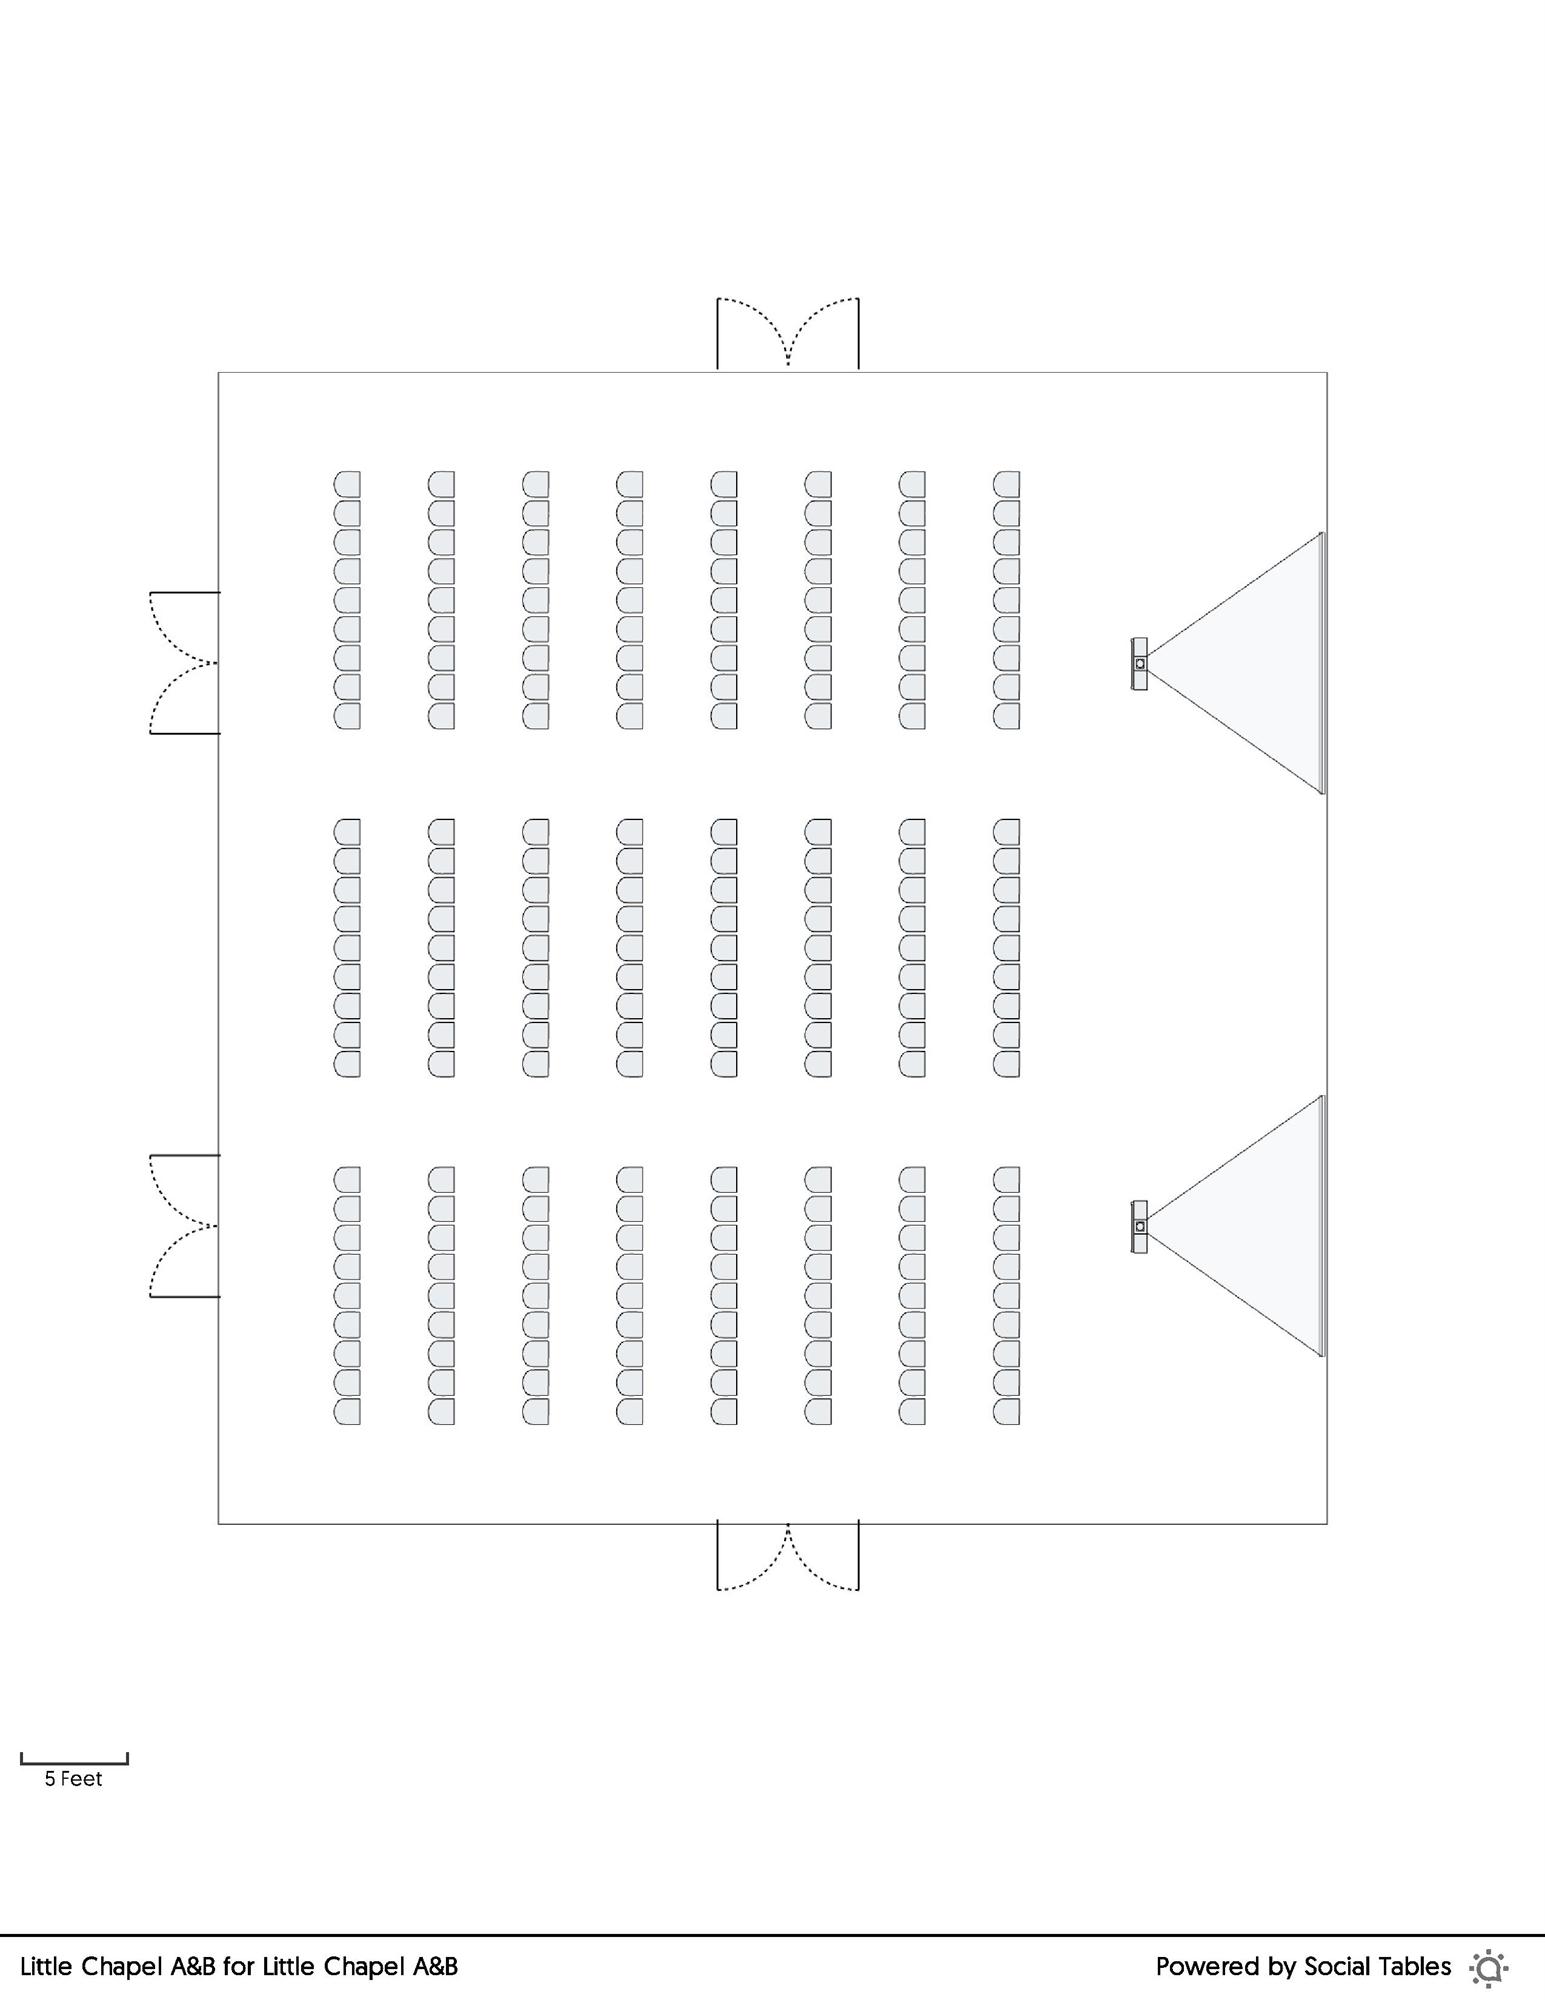 Little Chapel A&B Theatre floorplan